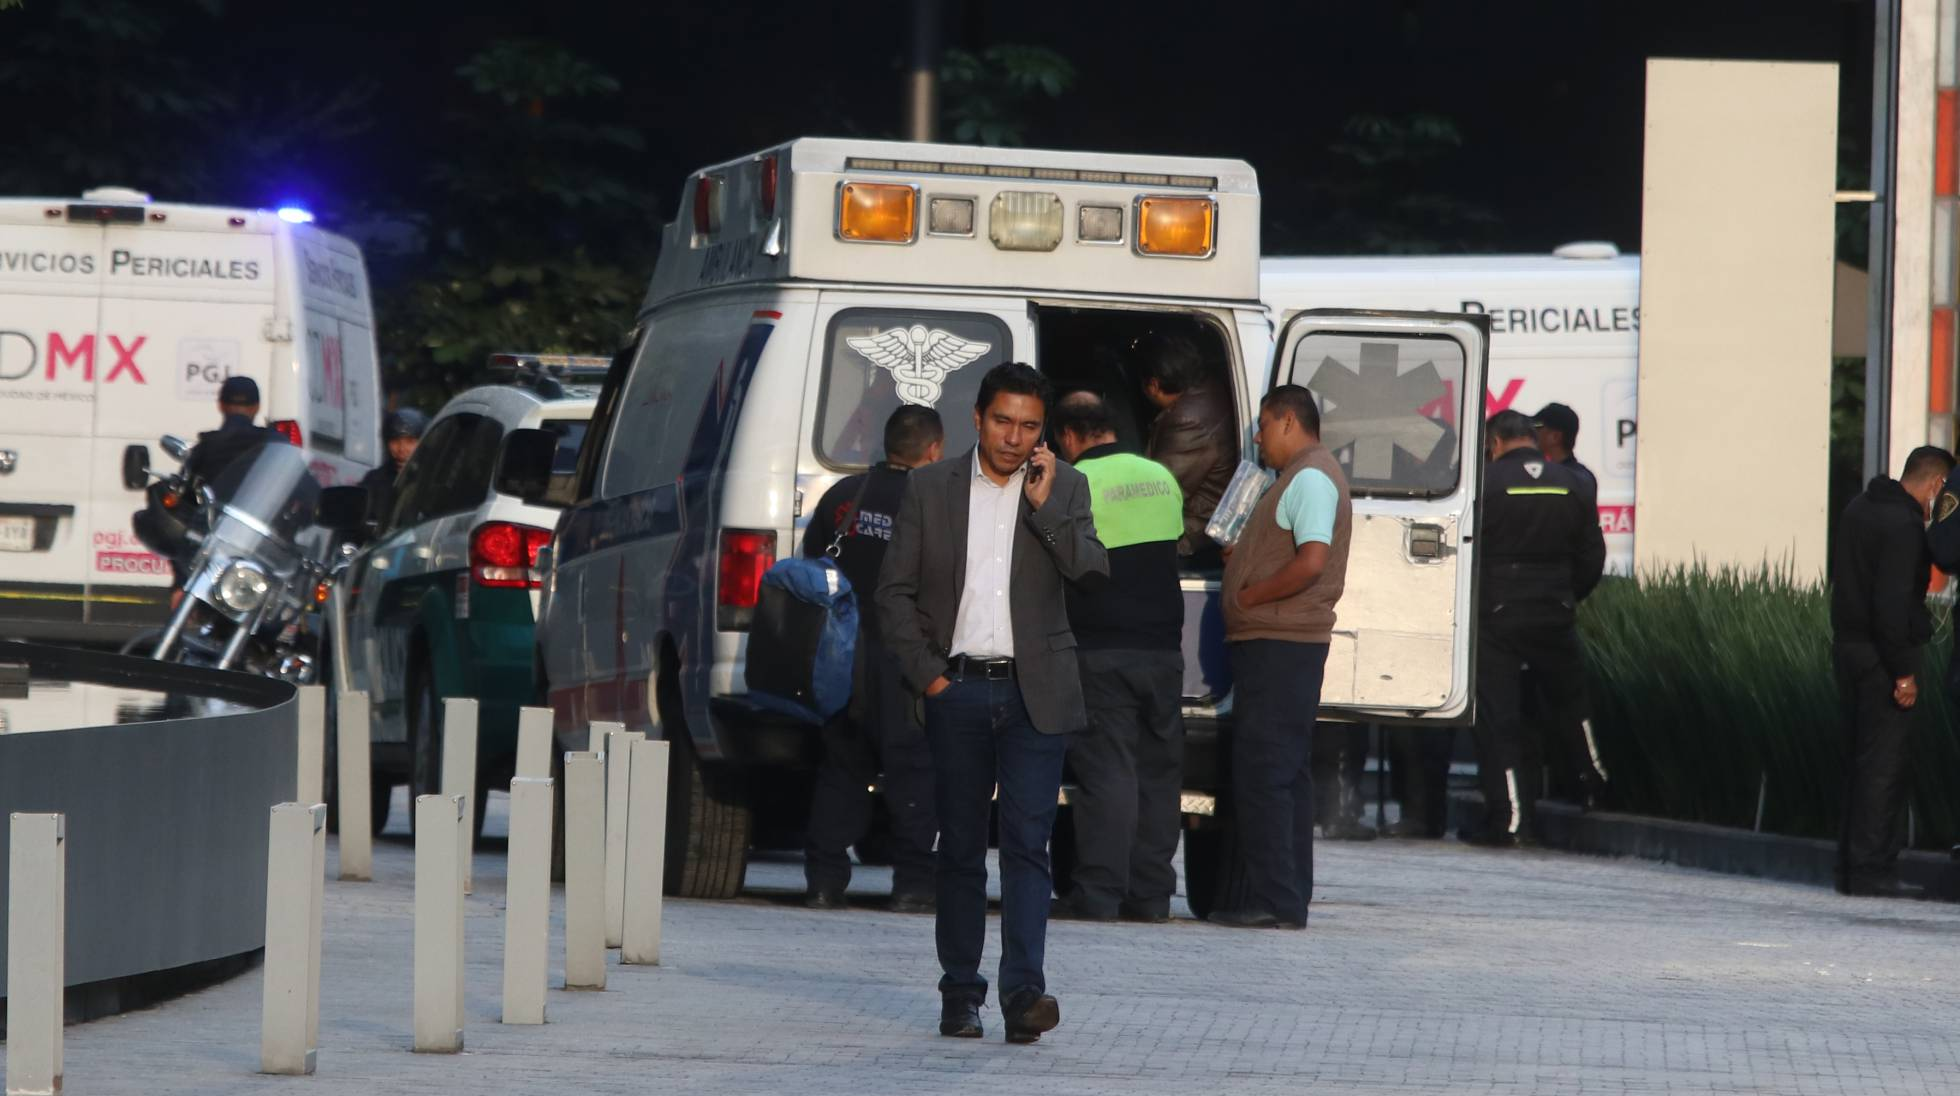 Una peluca, la mafia israelí y un doble asesinato: un crimen a sangre fría en Ciudad de México